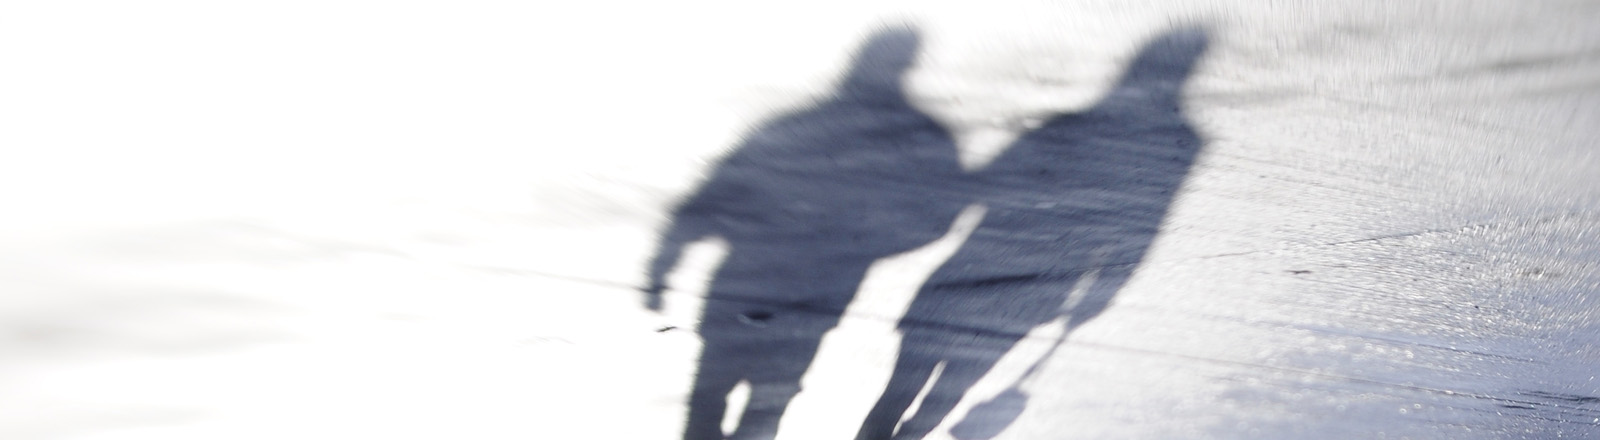 Der Schatten eines Paares